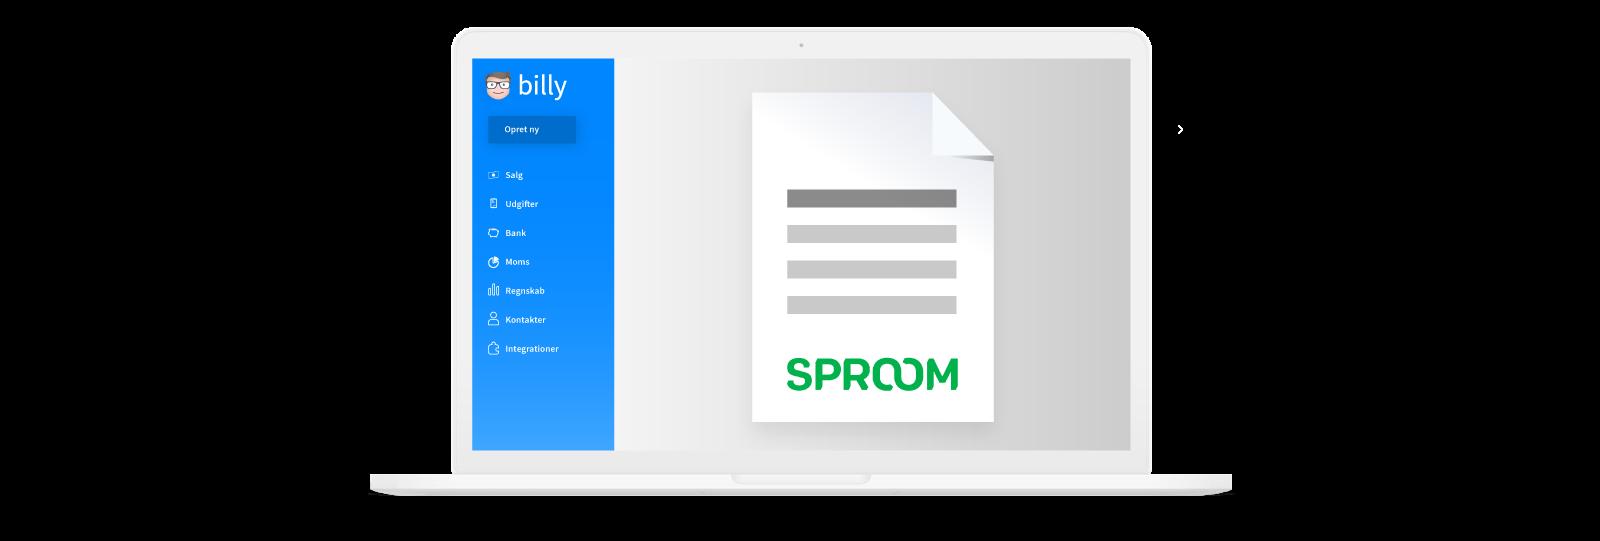 Billy Regnskabsprogram og Sproom E-fakturering